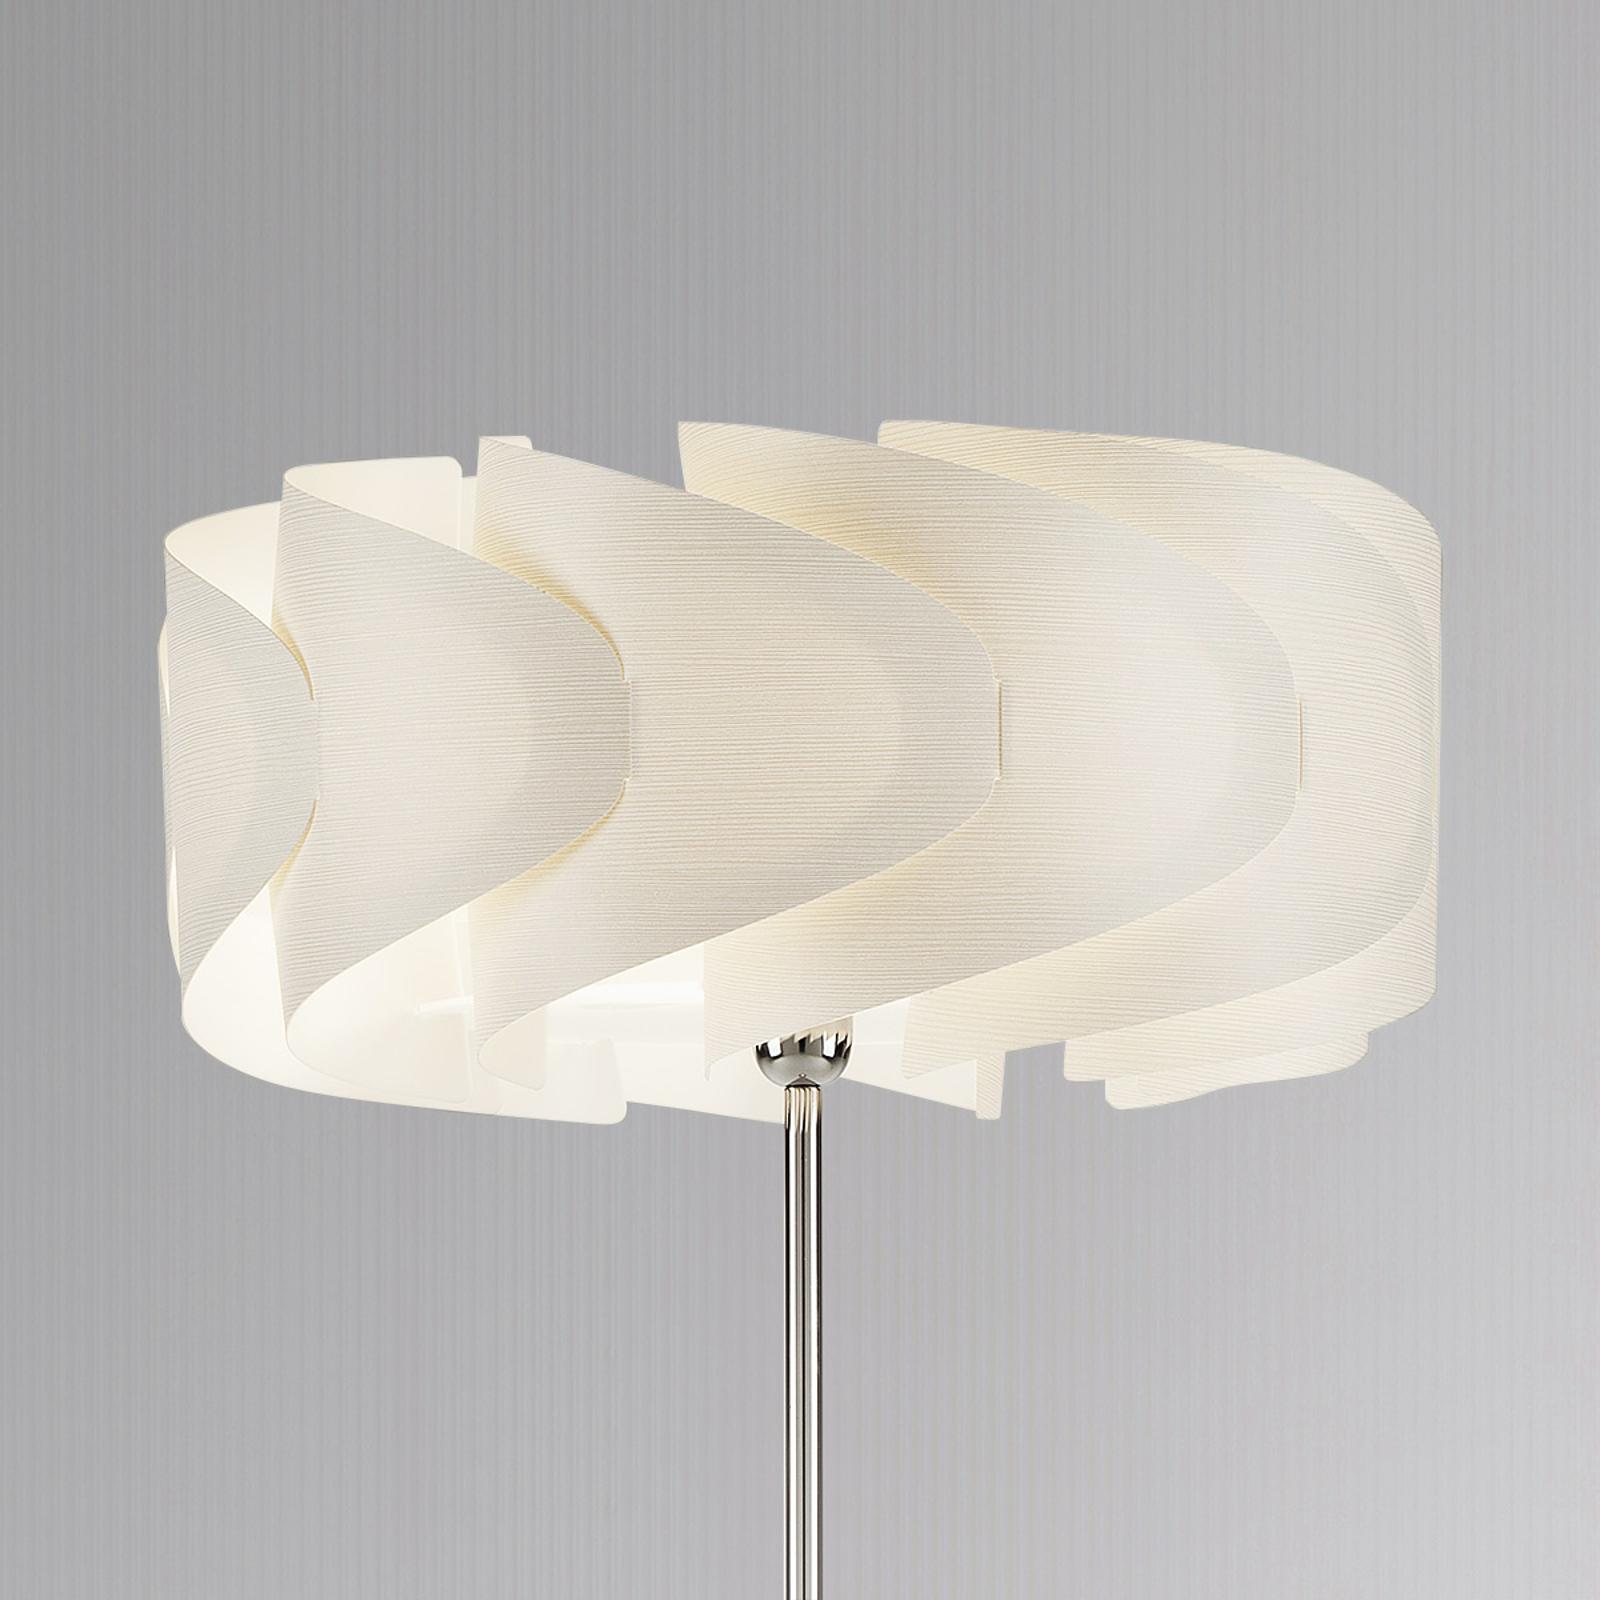 Stojací lampa Piantana Ellix, vzhled bílého dřeva